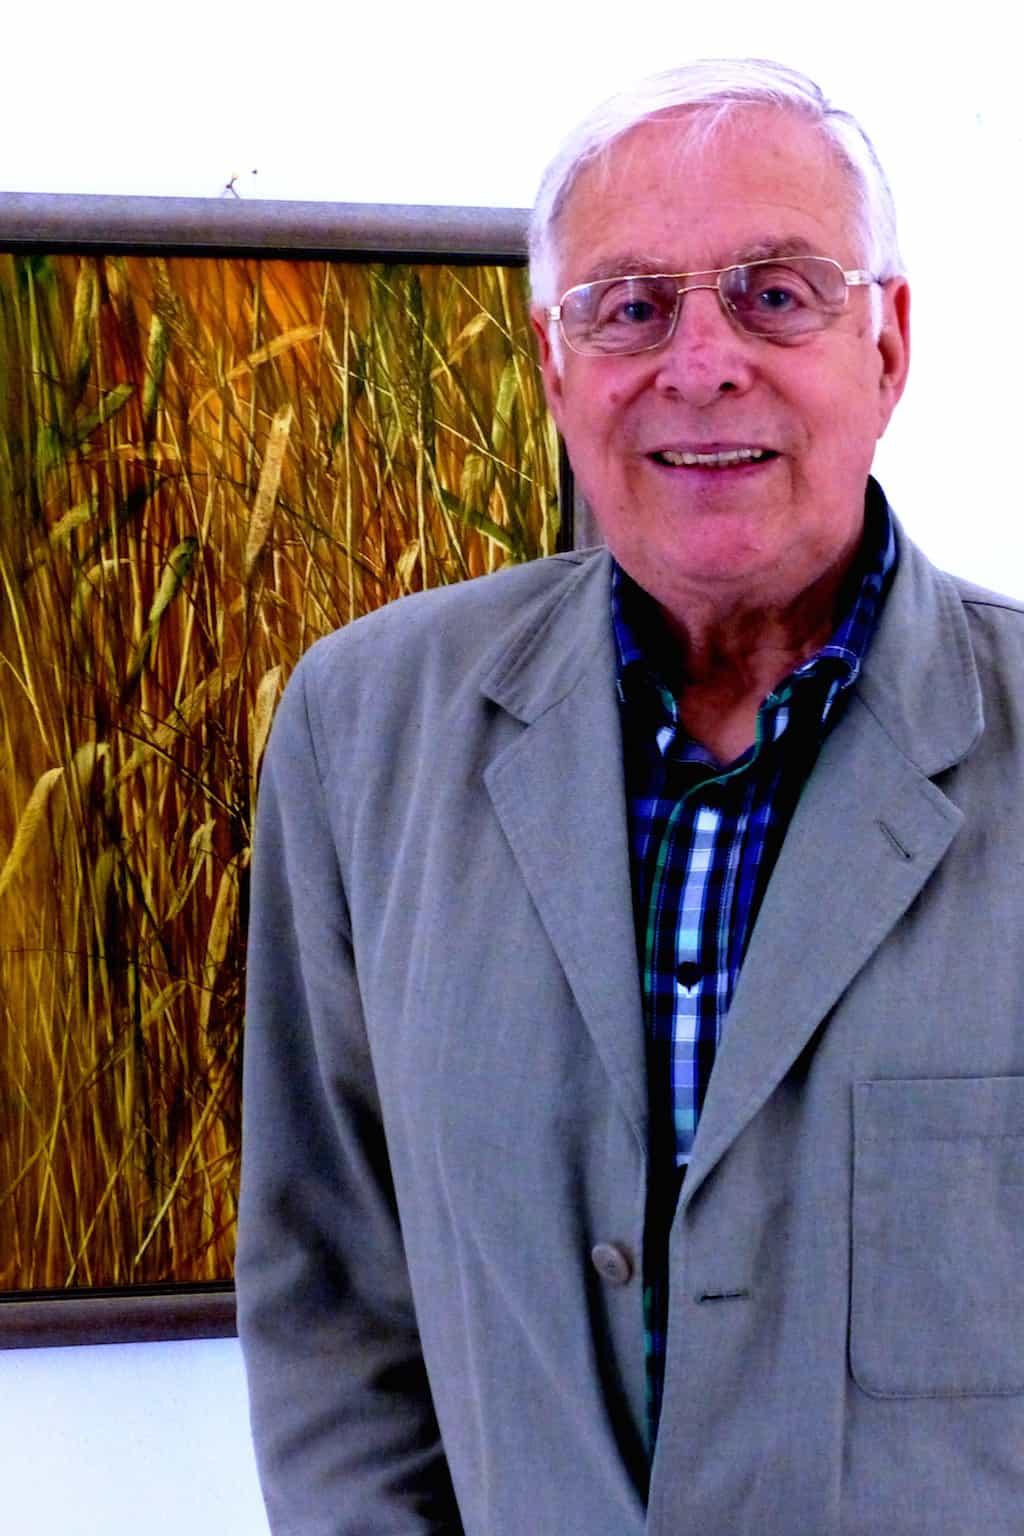 naturnah: Siegbert Maier stellt aus, Pinselzeichnung-Malerei in der  Alten Kirche